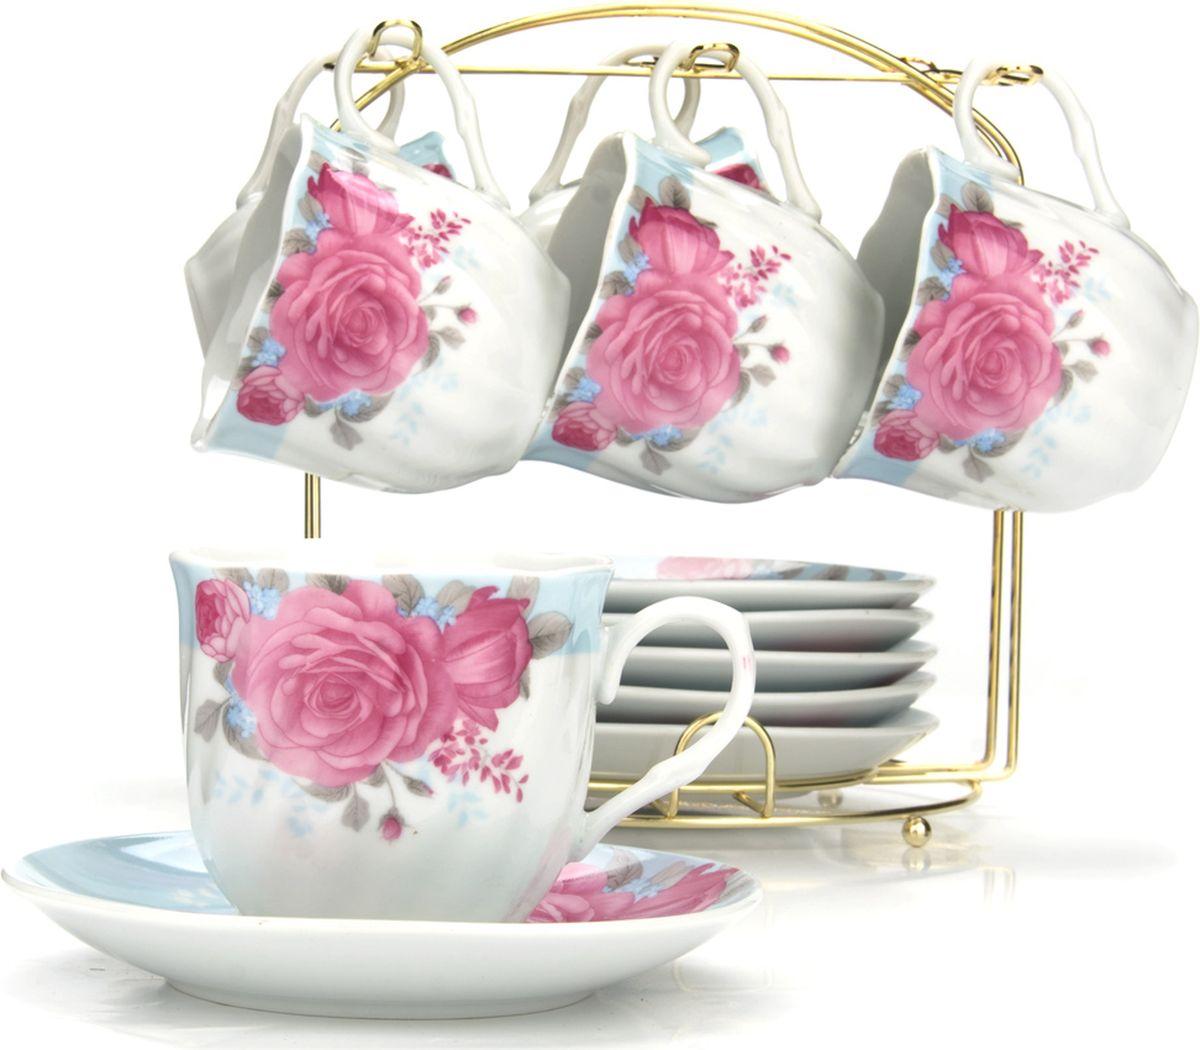 Сервиз чайный Loraine, на подставке, 13 предметов. 43283CL-2509_белый, синий цветокЧайный набор состоит из шести чашек, шести блюдец и металлической подставки золотого цвета. Предметы набора изготовлены из качественного фарфора и оформлены красочным цветным рисунком, стенки чашек имеют изящную волнистую поверхность. Чайный набор идеально подойдет для сервировки стола и станет отличным подарком к любому празднику. Все изделия можно компактно хранить на подставке, входящей в набор. Подходит для мытья в посудомоечной машине.Диаметр чашки: 8 см.Высота чашки: 7 см.Объем чашки: 200 мл.Диаметр блюдца: 13,5 см.